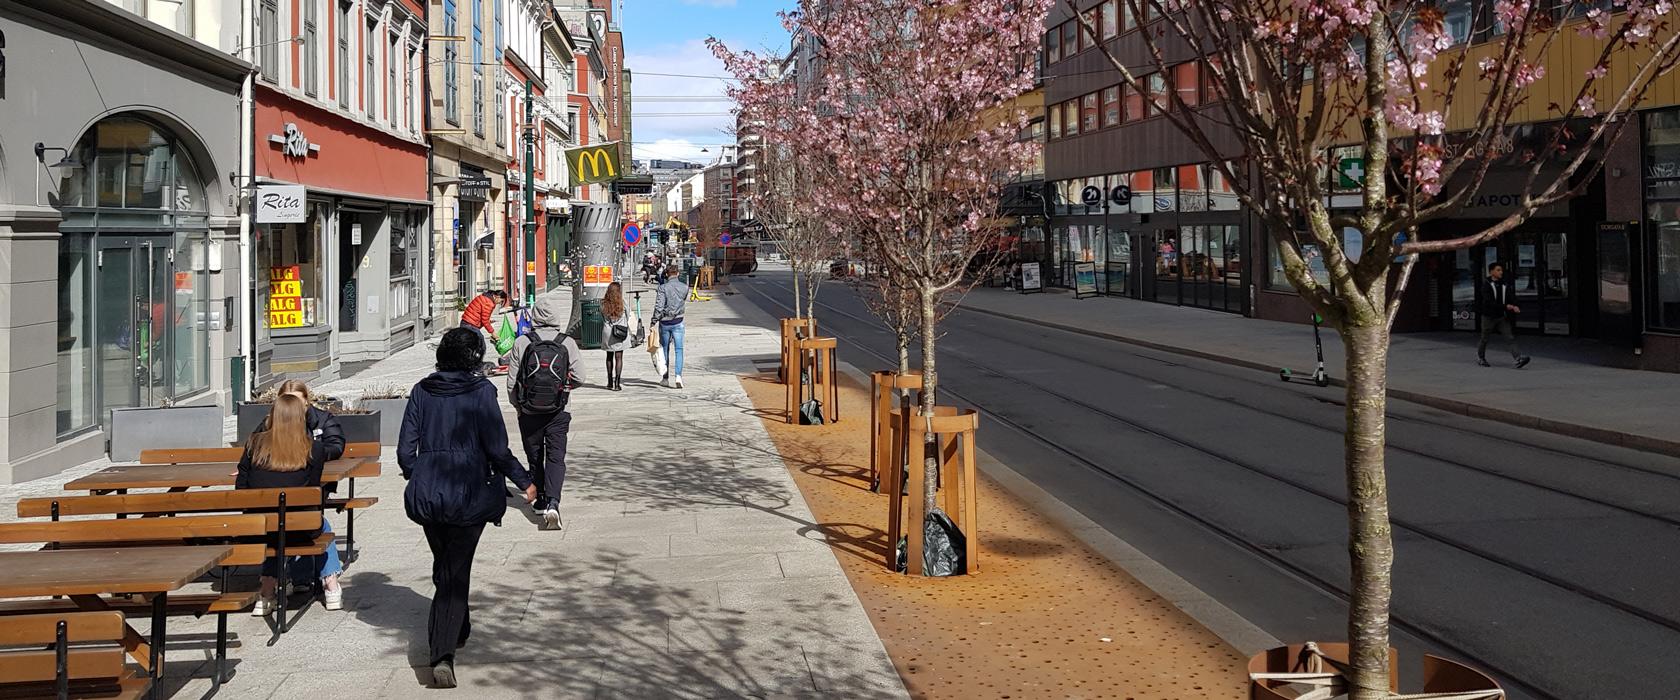 Storgata i Oslo. Fortau og folk som går, kirsebærtrær som blomstrer, trikkeskinner klar til bruk.